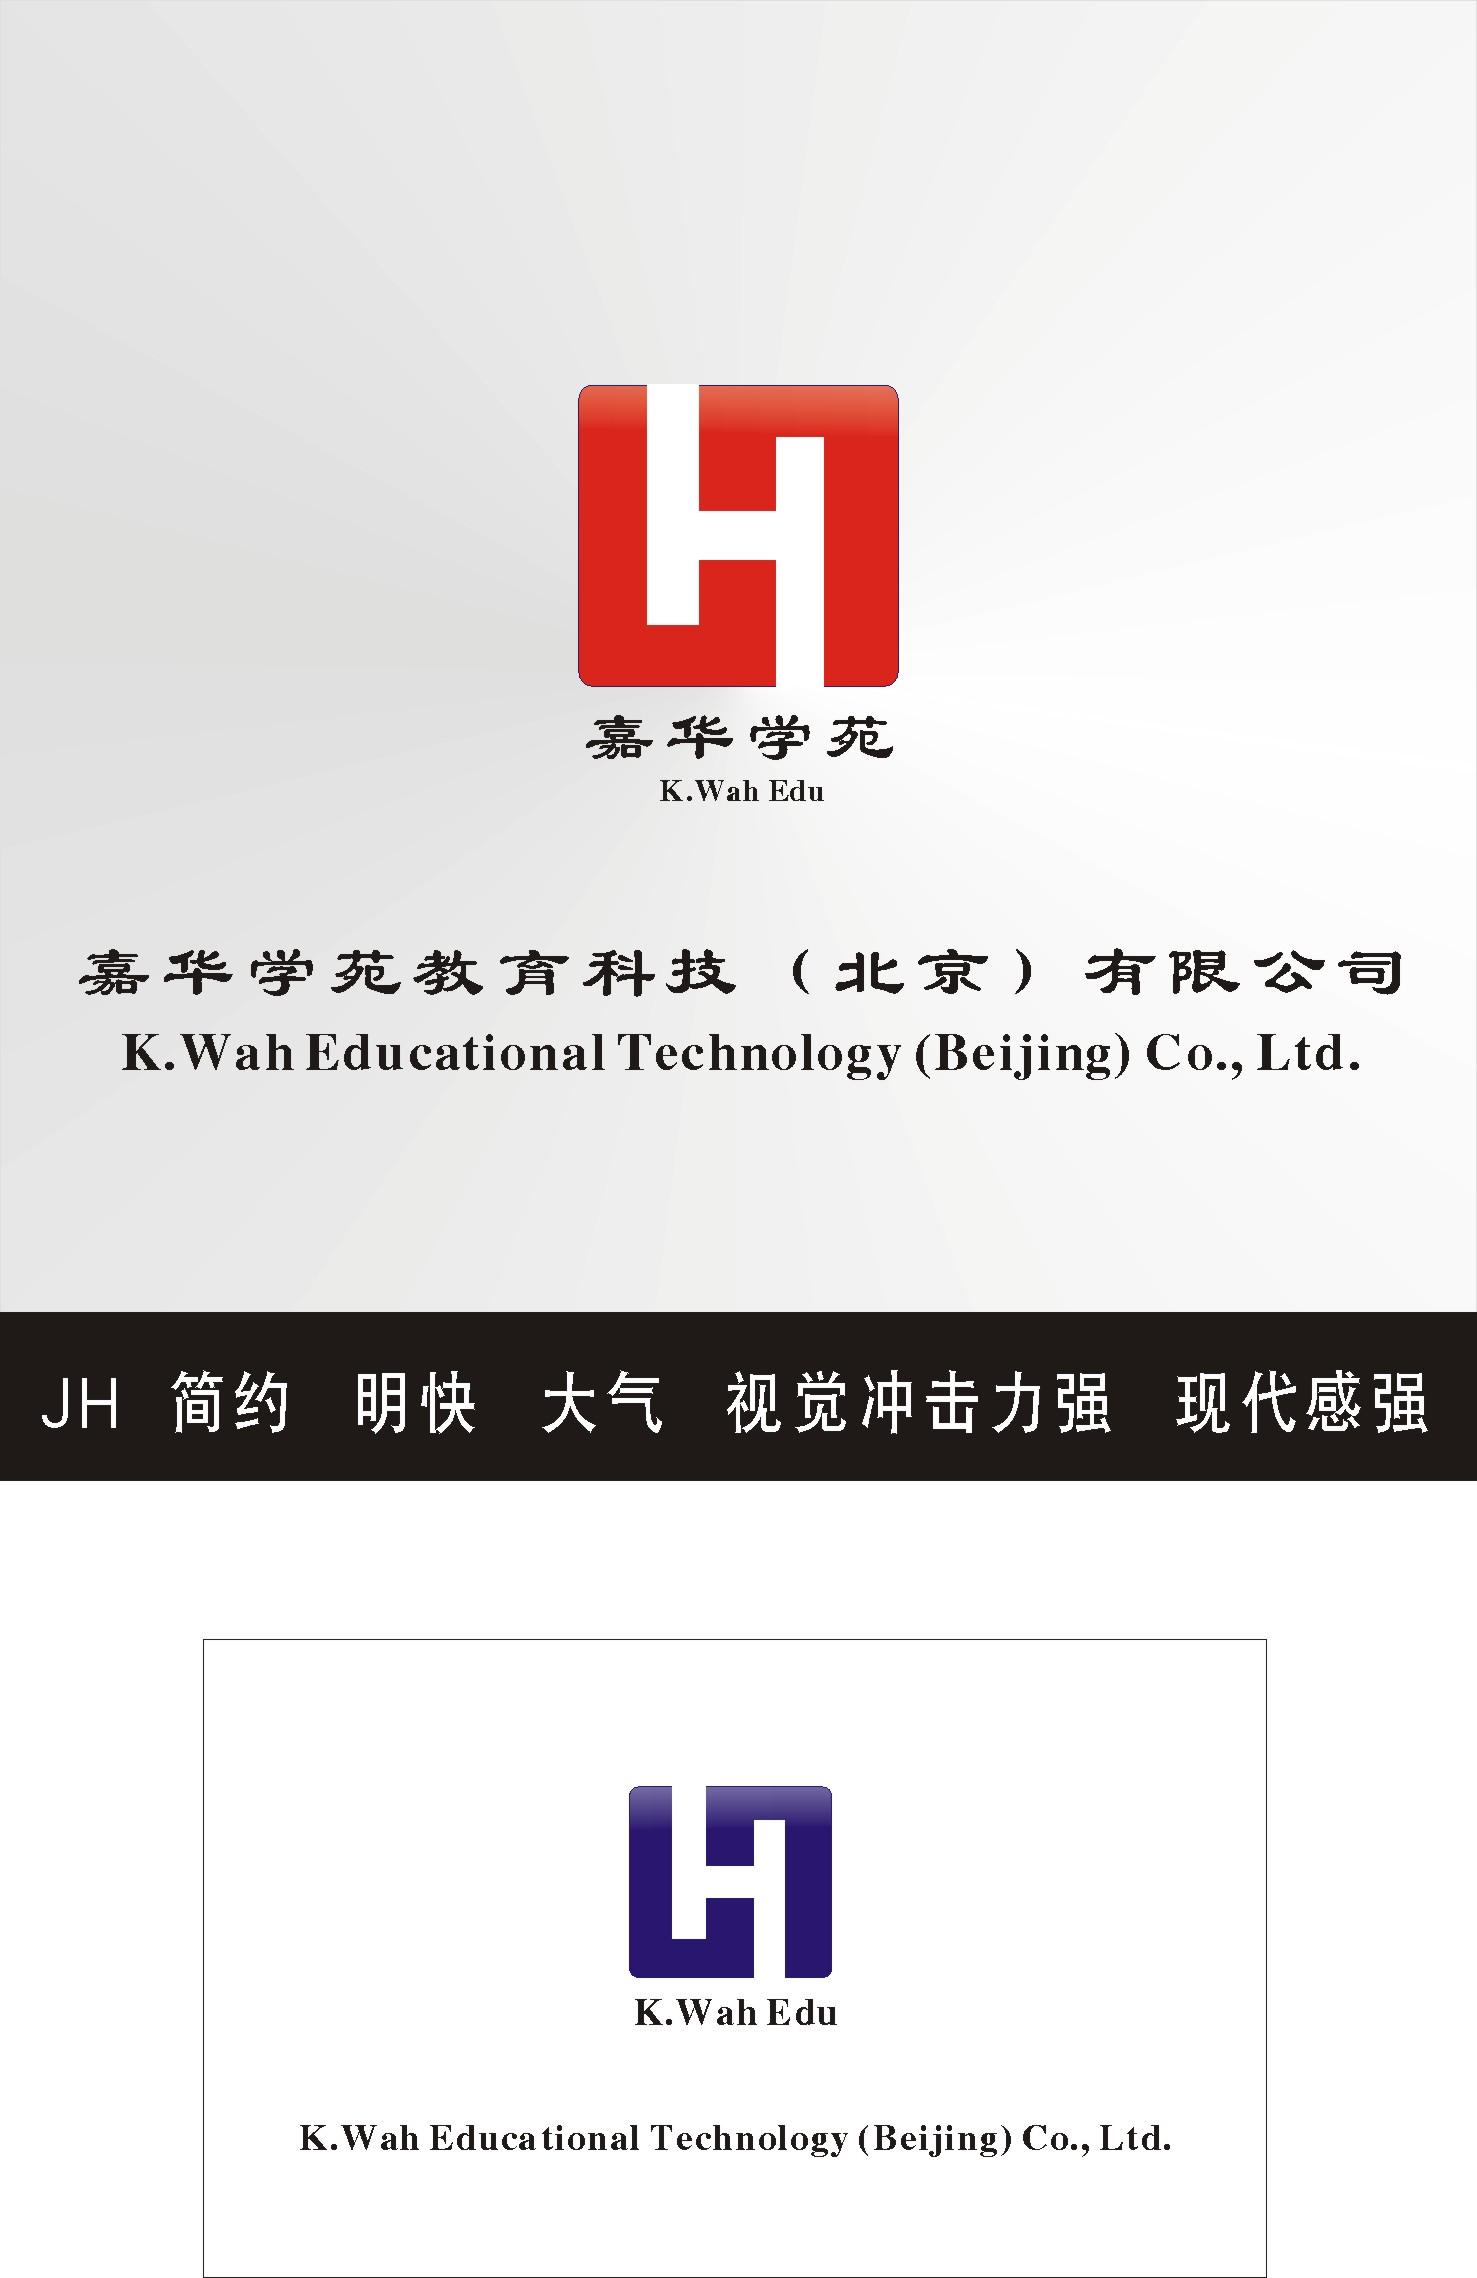 嘉华学苑教育科技logo及名片背景墙设计